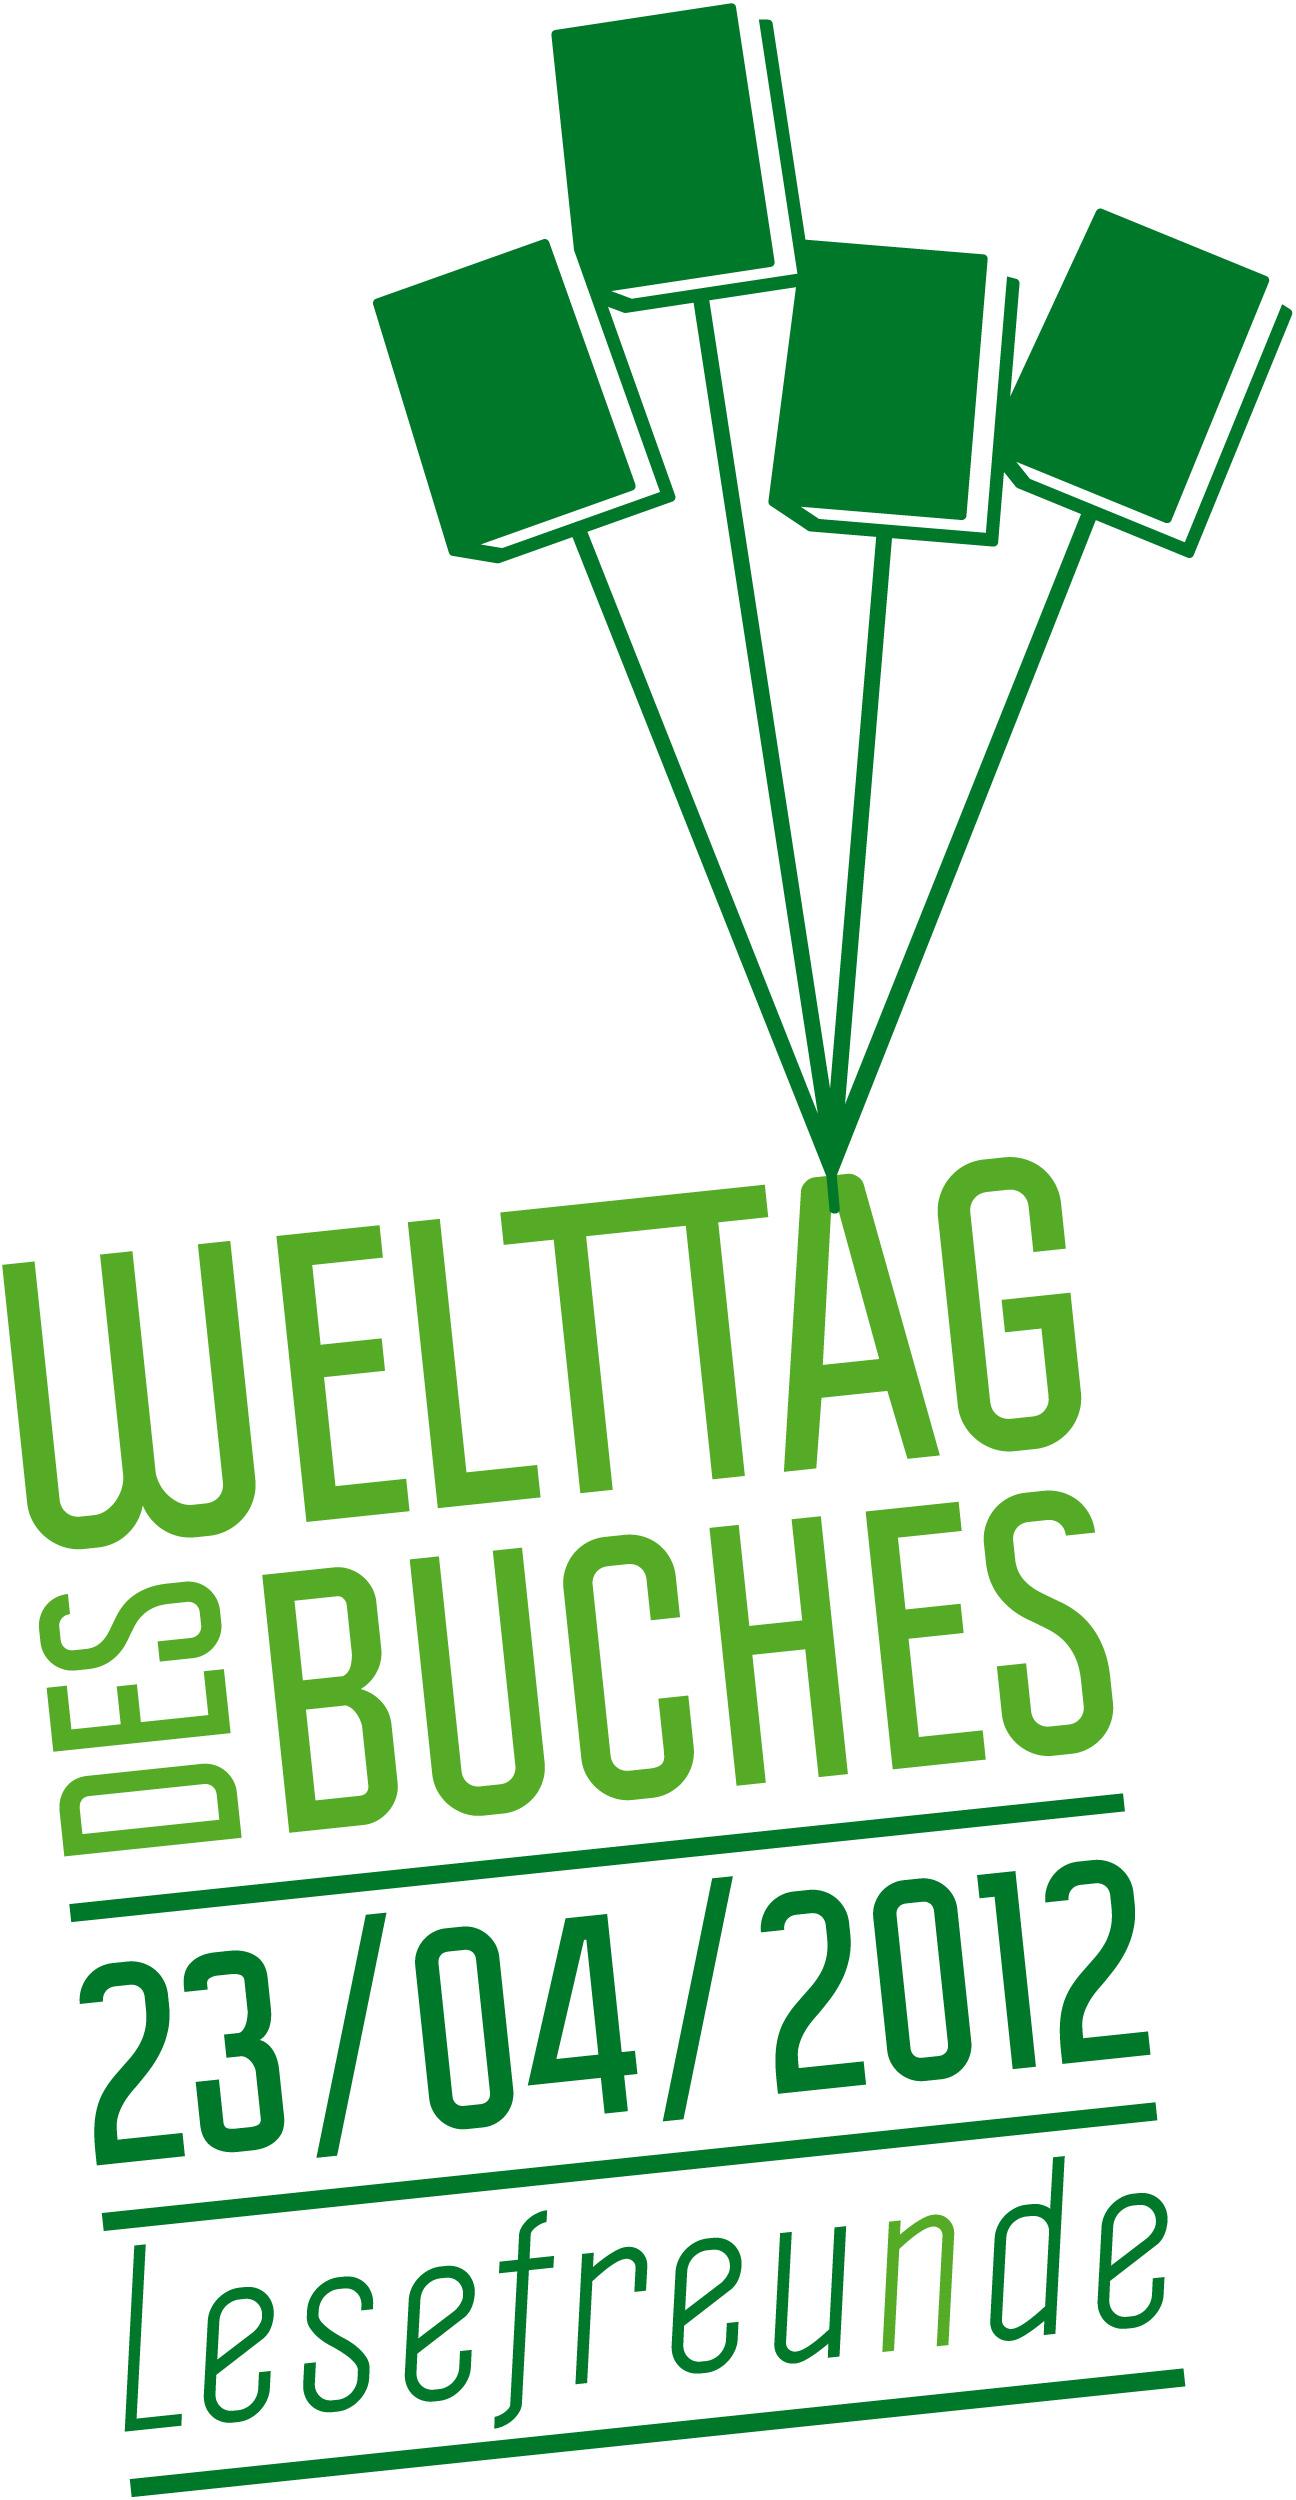 Welttag des Buches Logo 2012